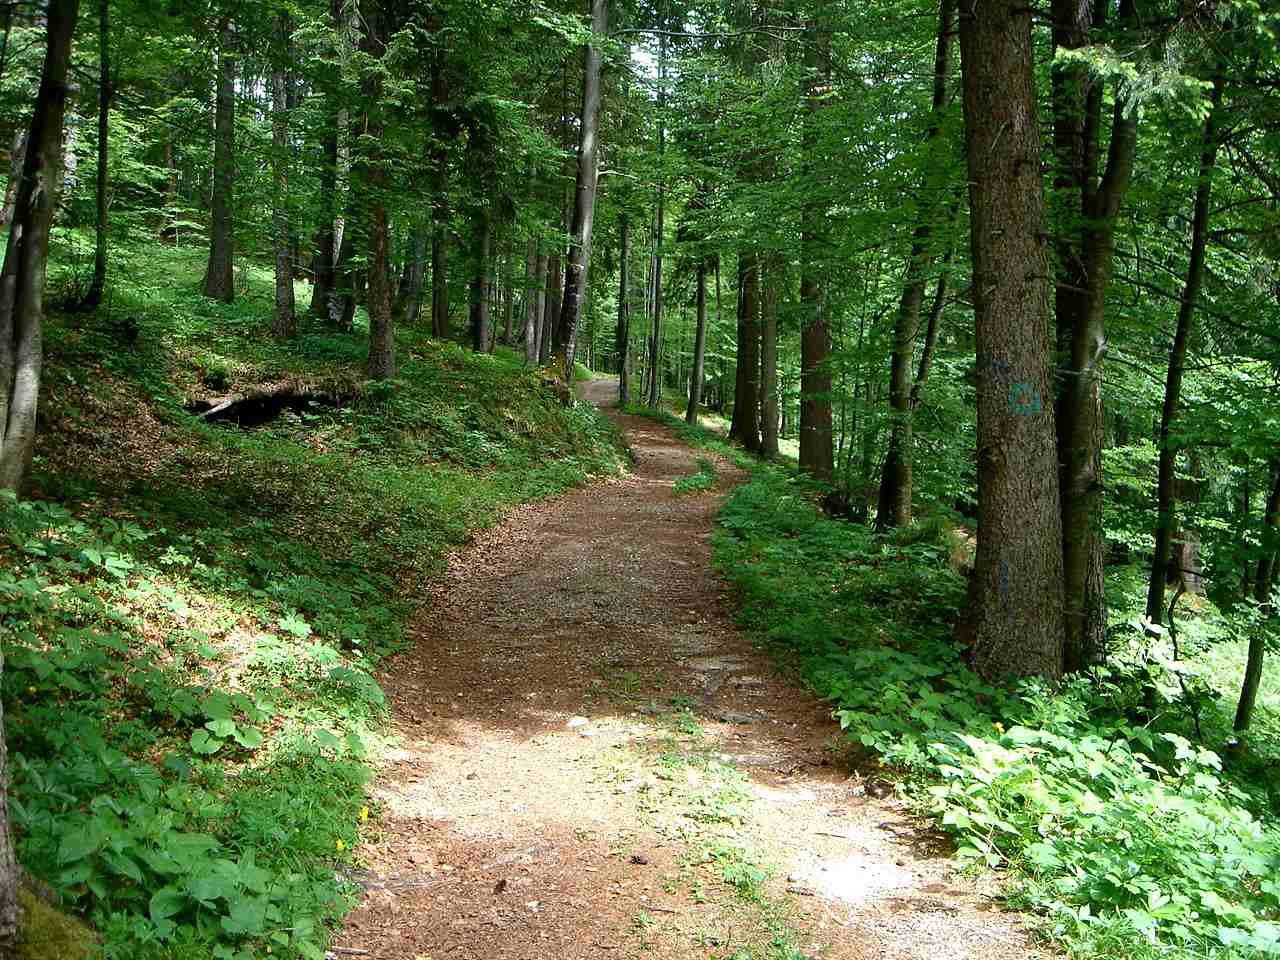 Foto: Manfred Karl / Wander Tour / Törlkopf, 1704 m / Schattige Waldwege ermöglichen auch im Hochsommer einen angenehmen Aufstieg. / 03.06.2007 20:38:51